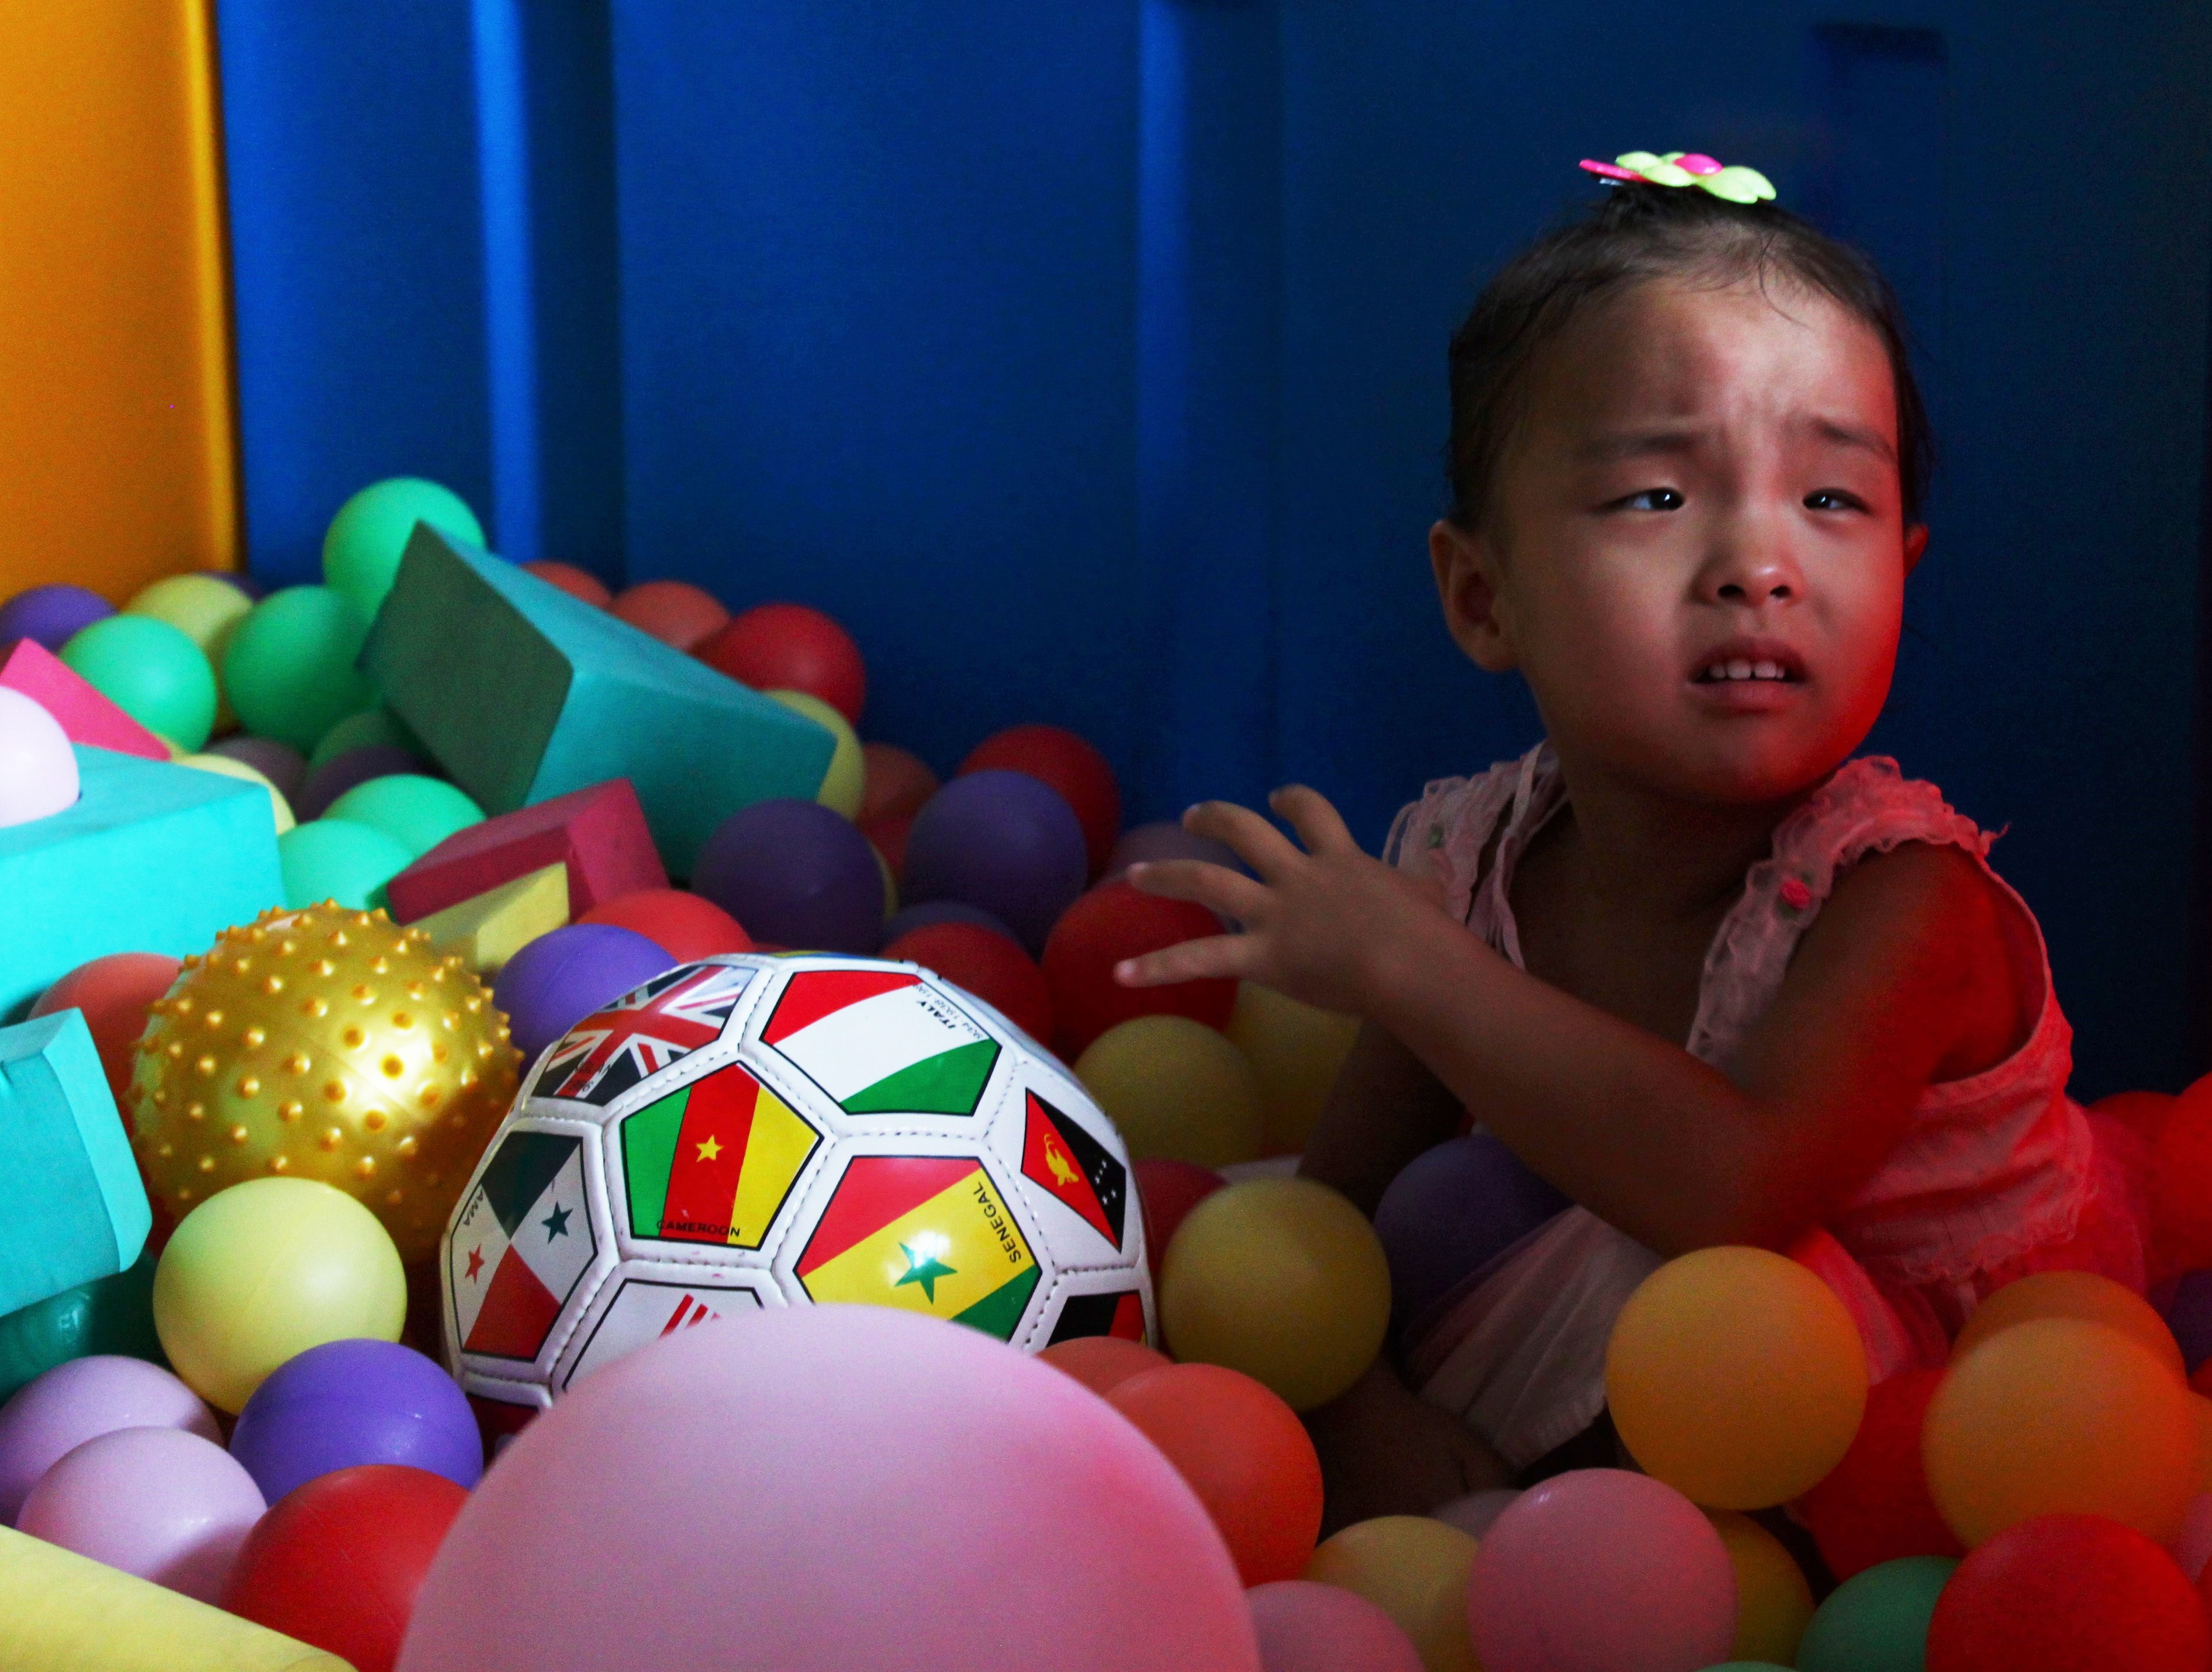 näkövammaisten lasten lastenkoti, Kiina (1).JPG